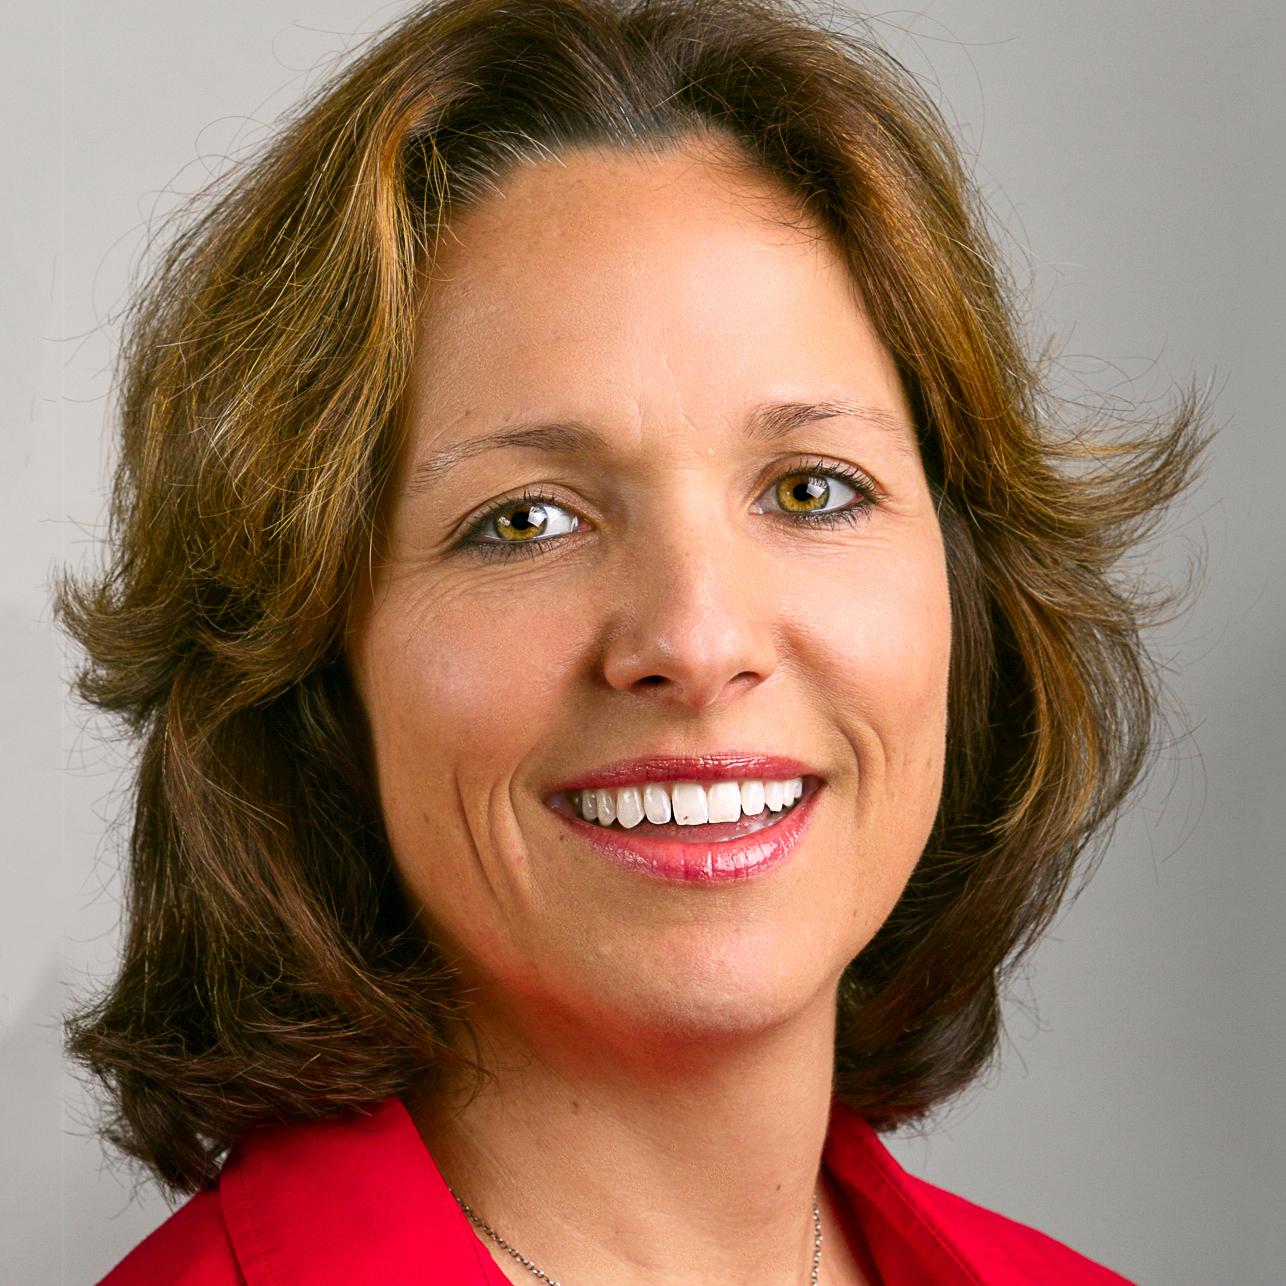 Leila Rouady - RA, CGC, LEED AP, MBASenior Architect